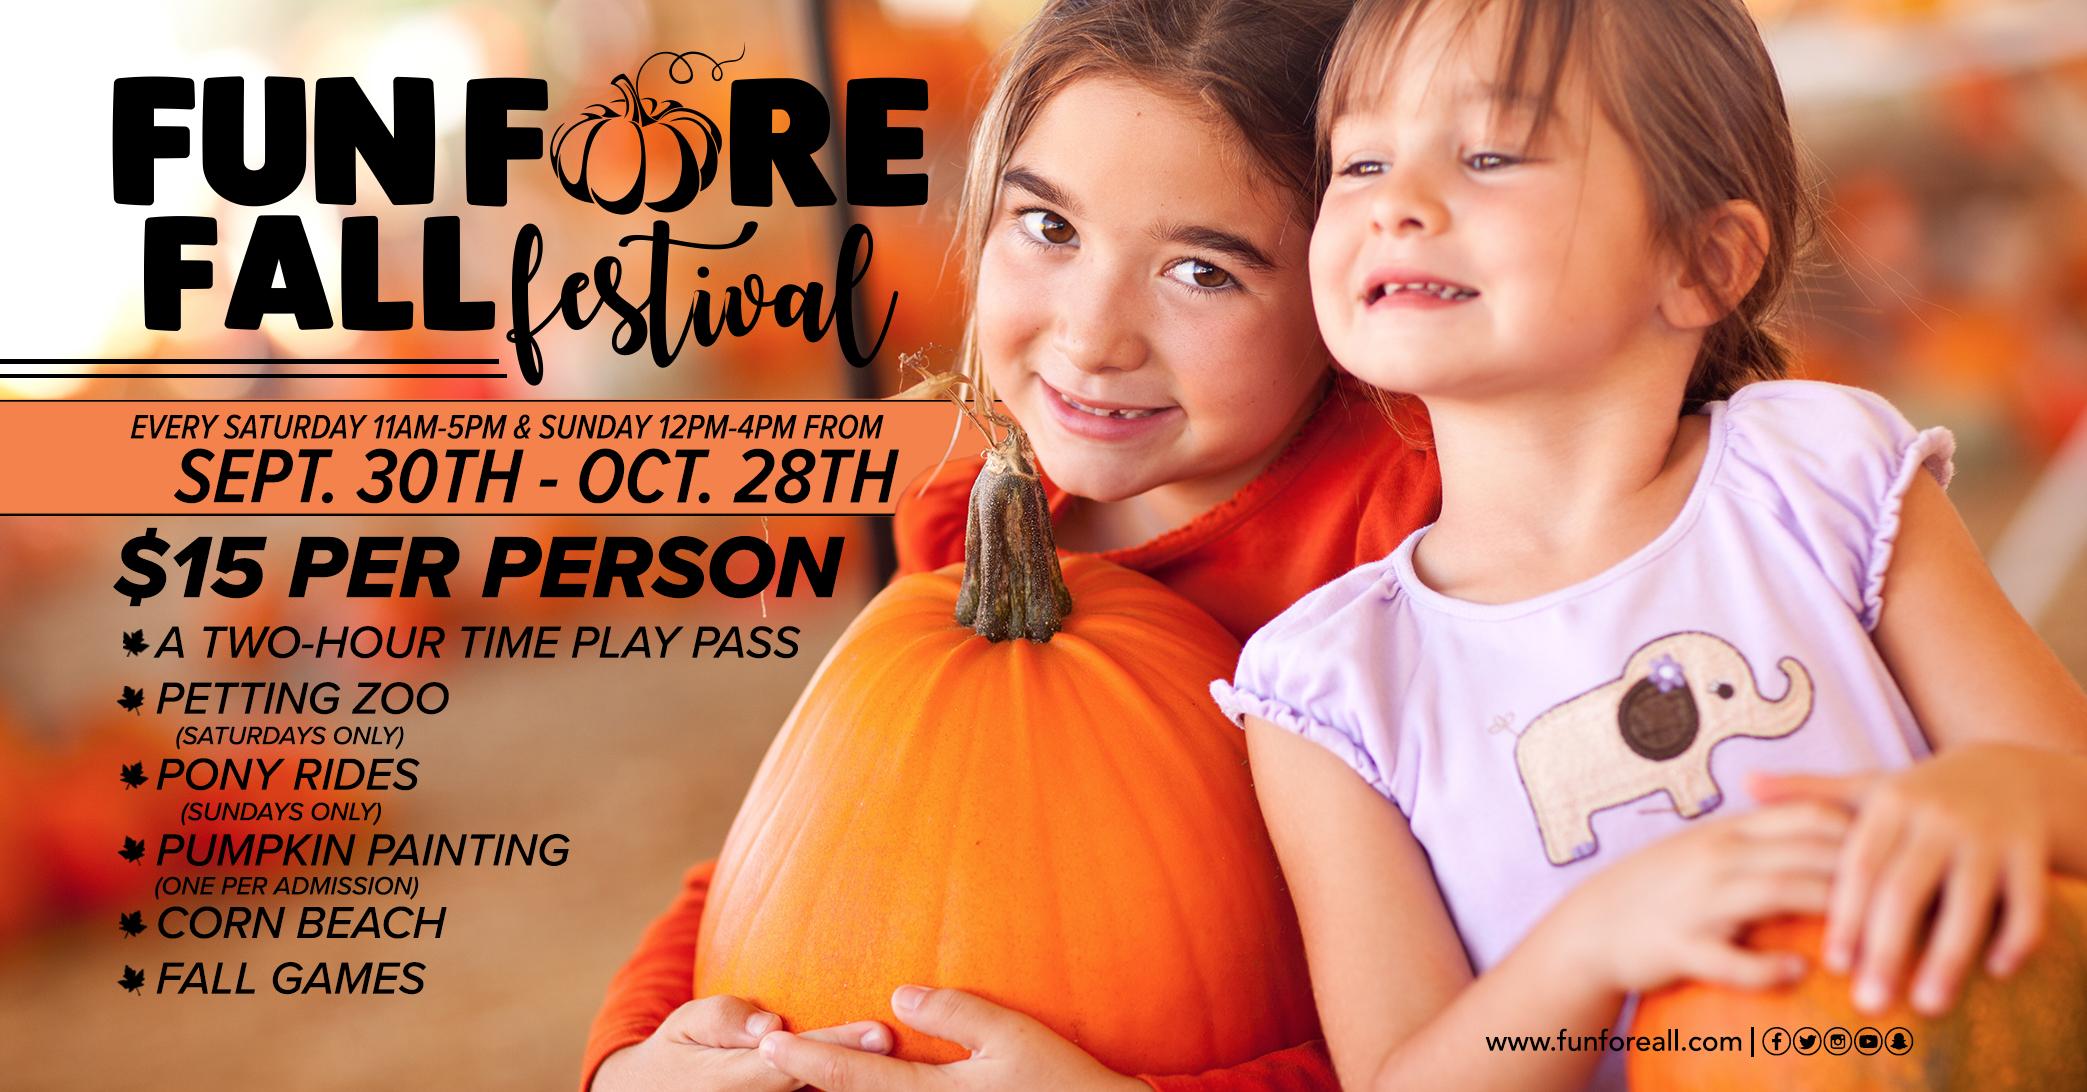 Facebook Invite (Fun Fore Fall Festival).jpg